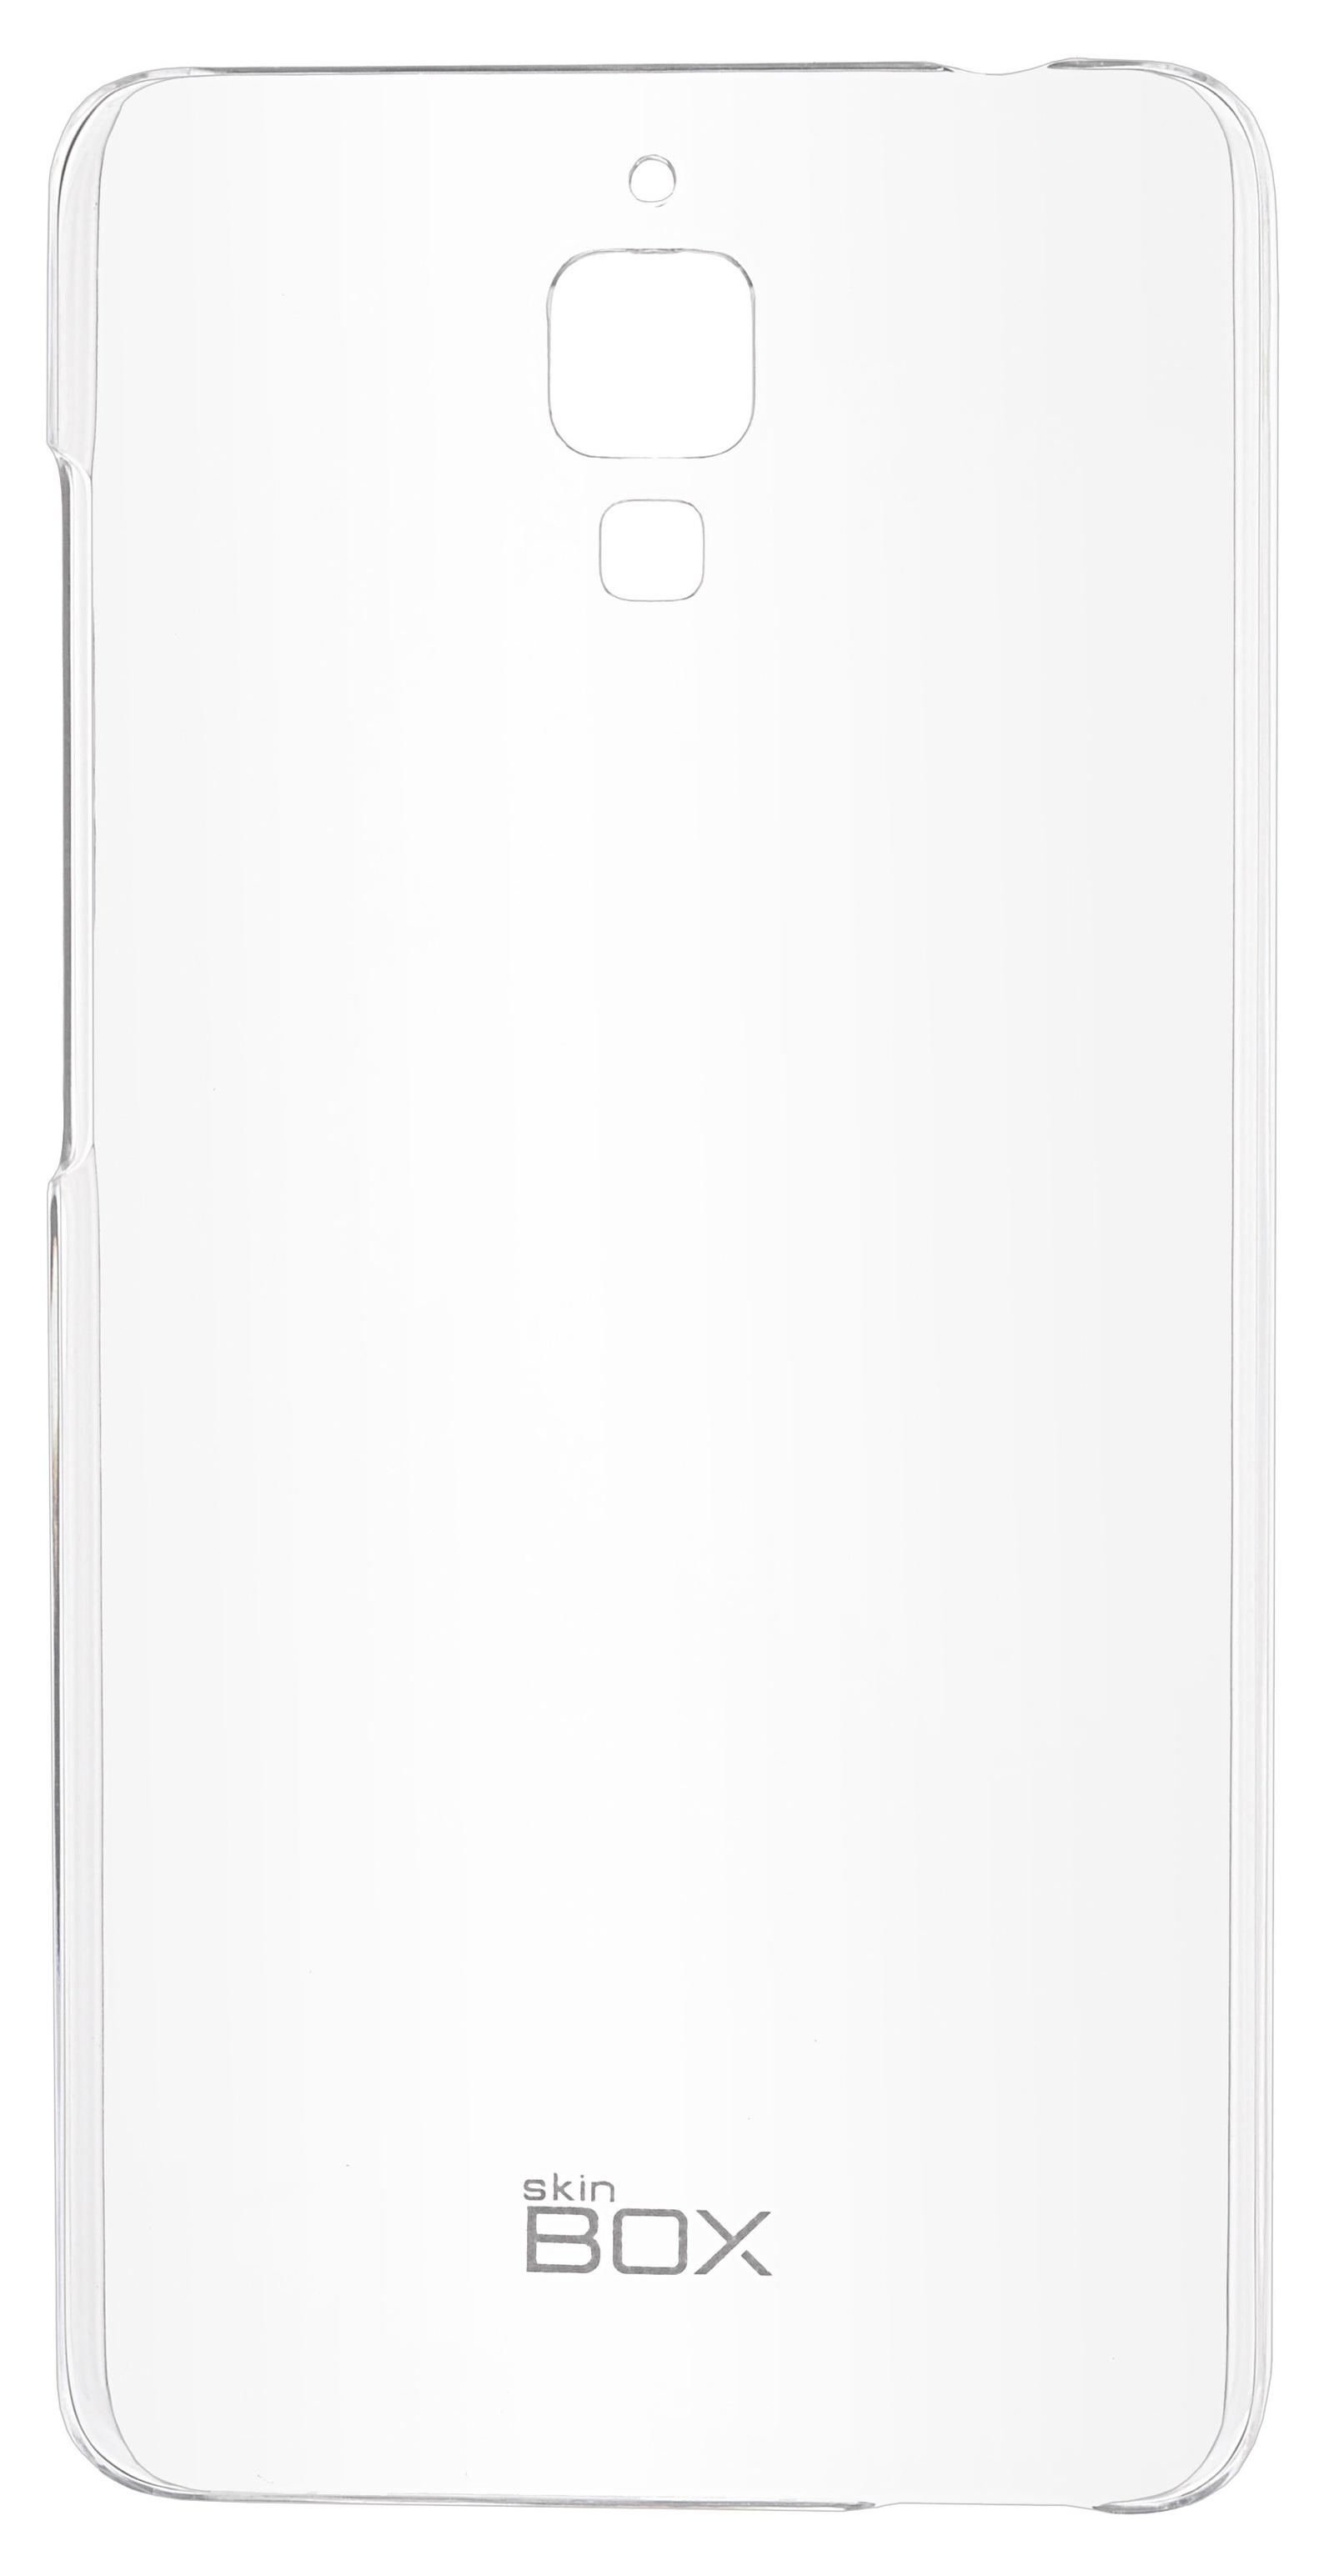 Чехол для сотового телефона skinBOX Crystal, 4630042524736, прозрачный чехол для сотового телефона skinbox crystal 4630042524620 прозрачный